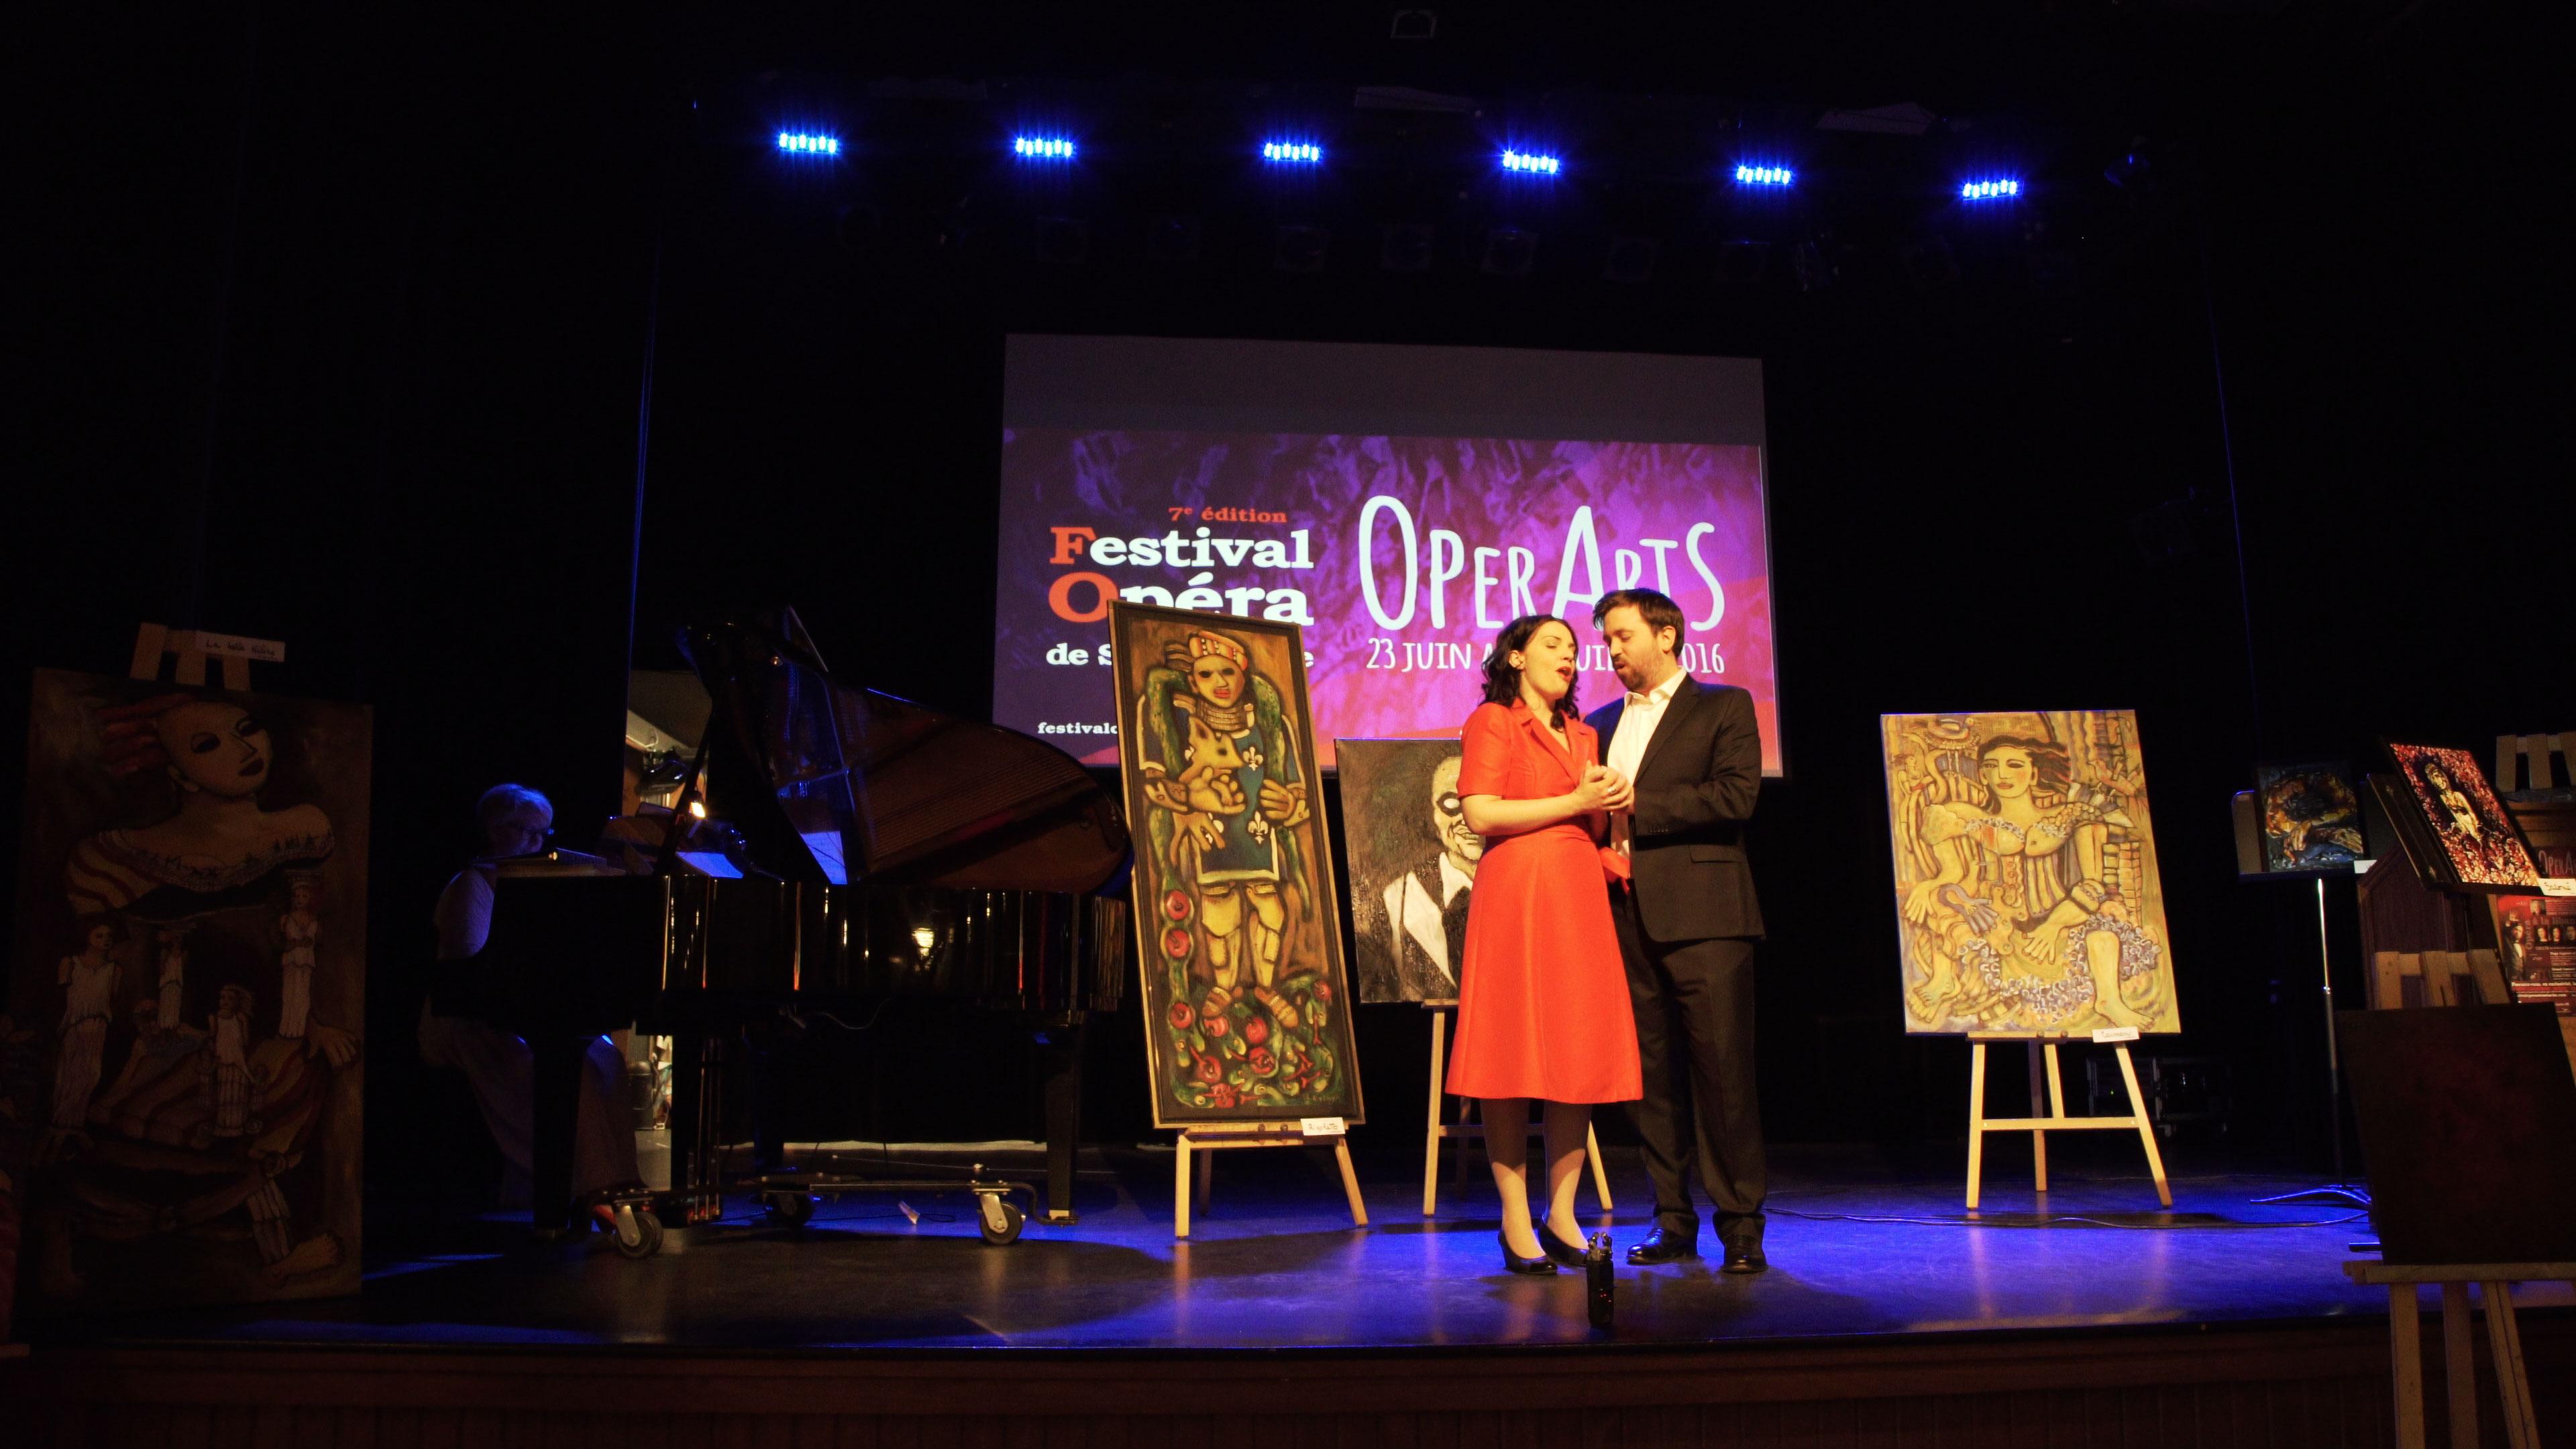 FestivalOpéra, une 7e édition sous le thème : OpérArts